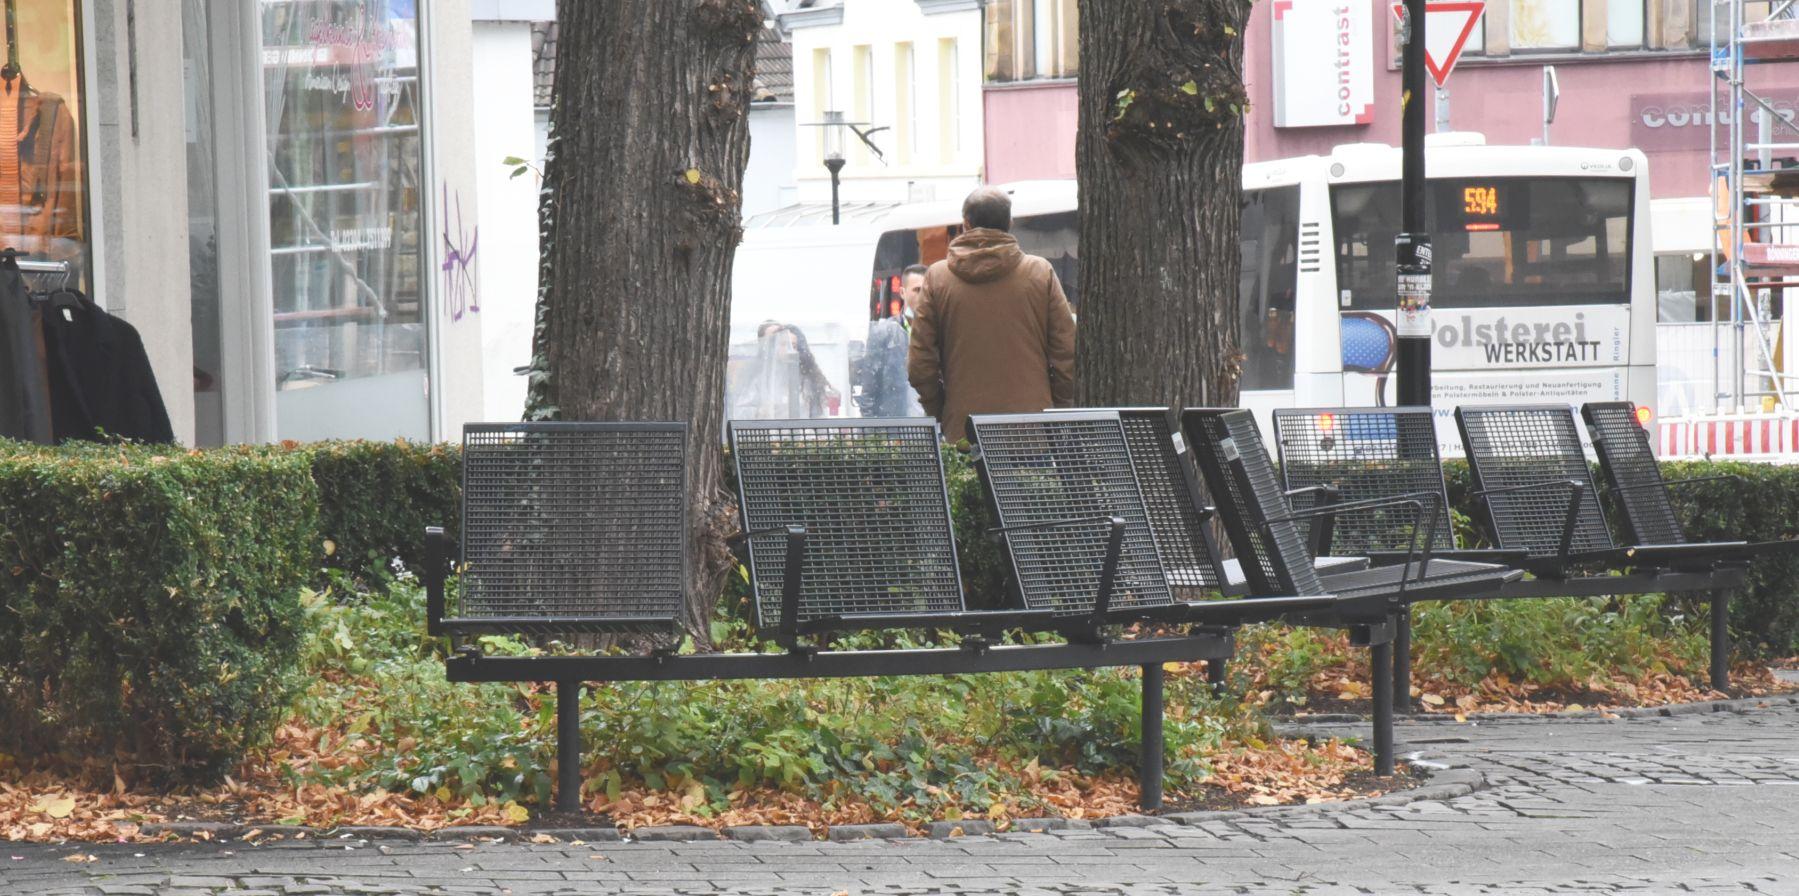 Sitzen am Postplatz wieder möglich